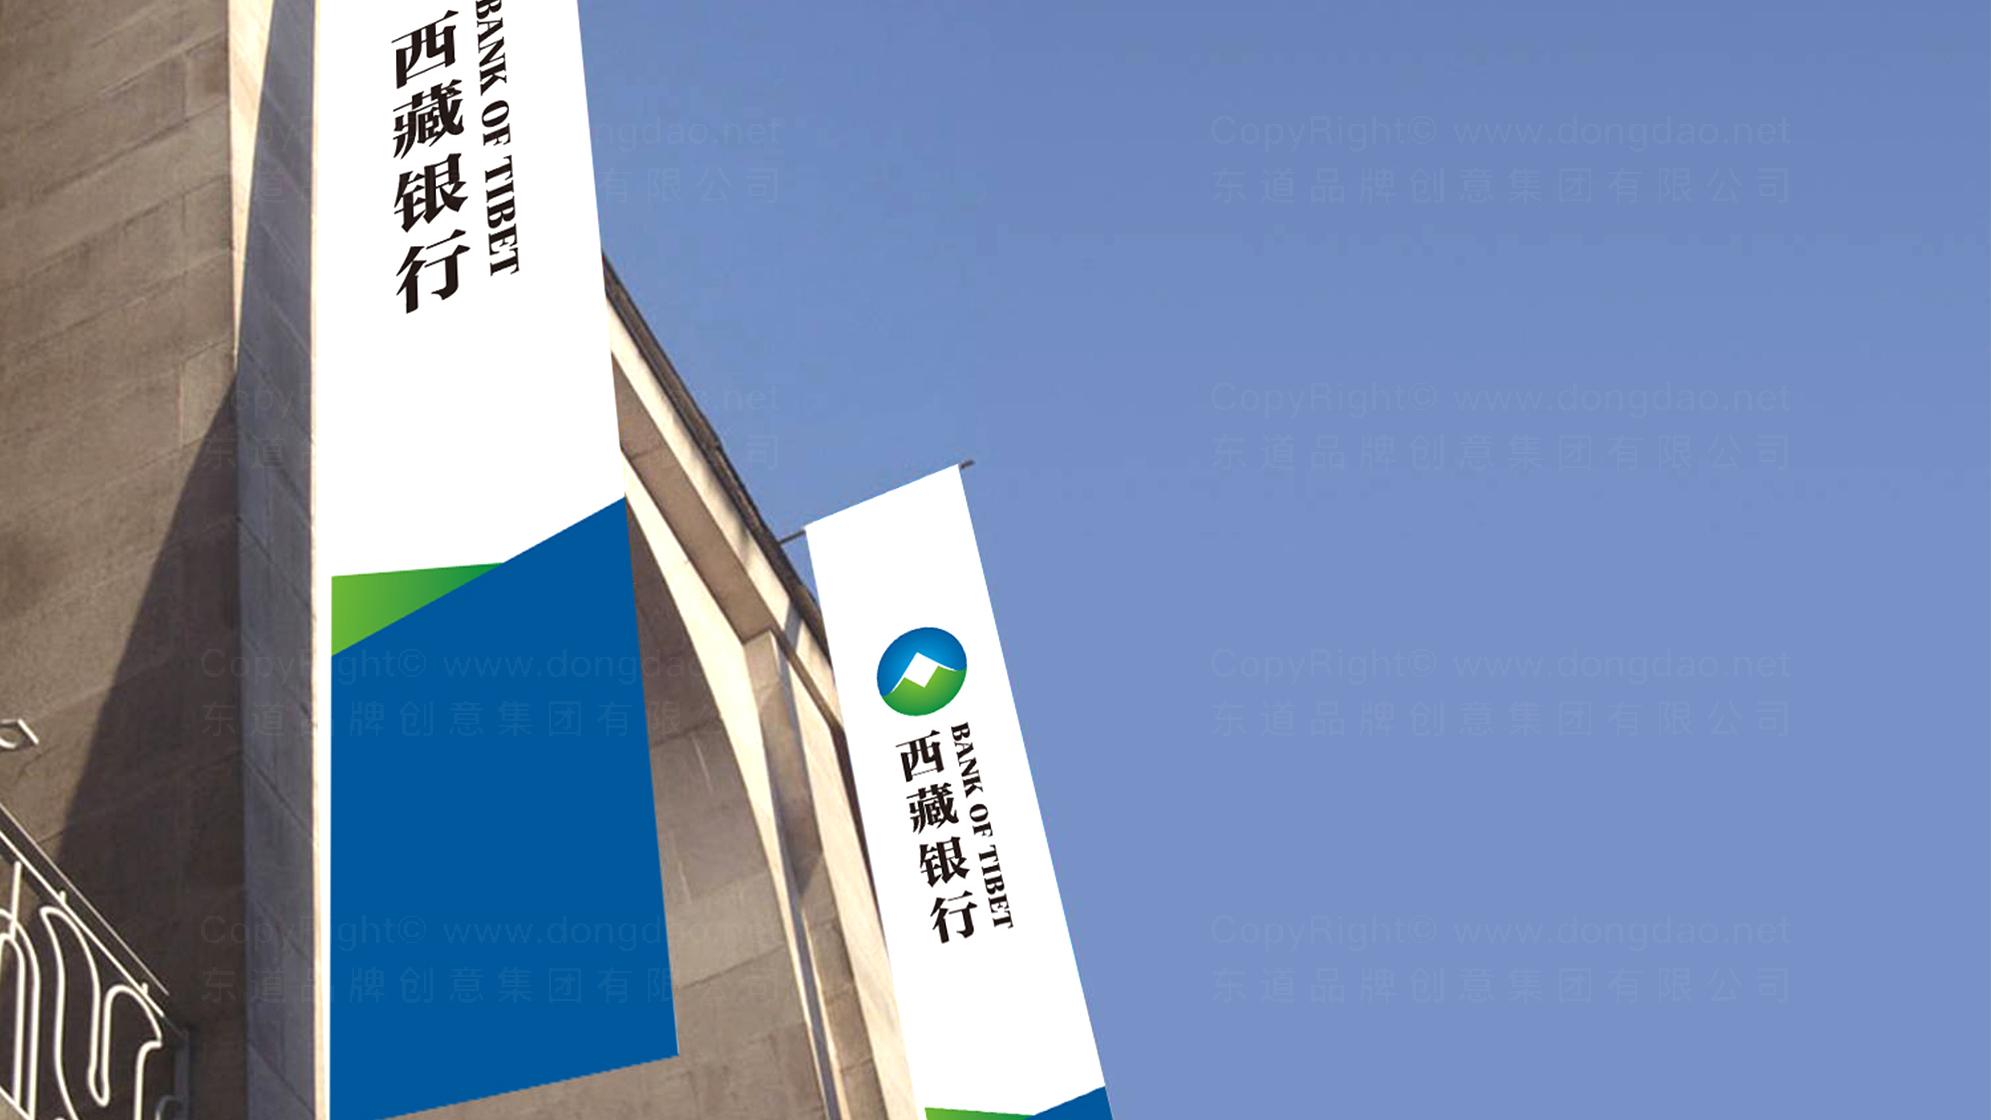 品牌设计西藏银行LOGO&VI设计应用场景_1